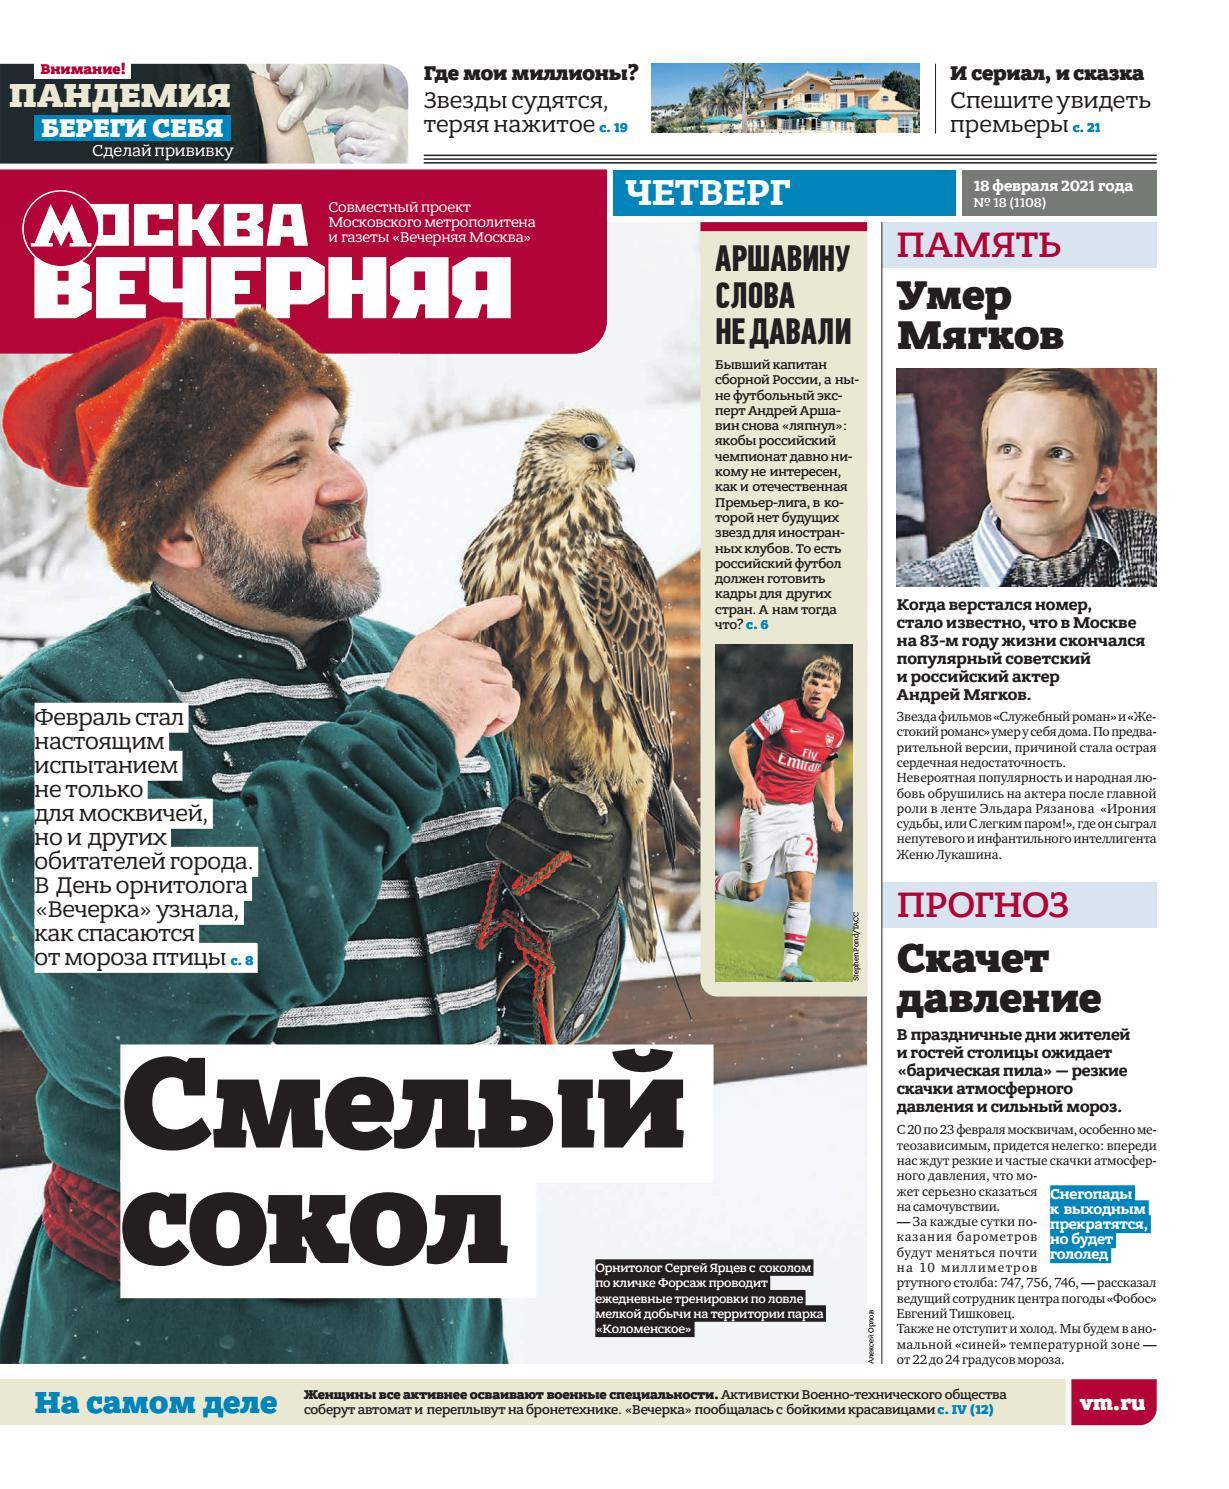 Вечерняя Москва №18, февраль 2021